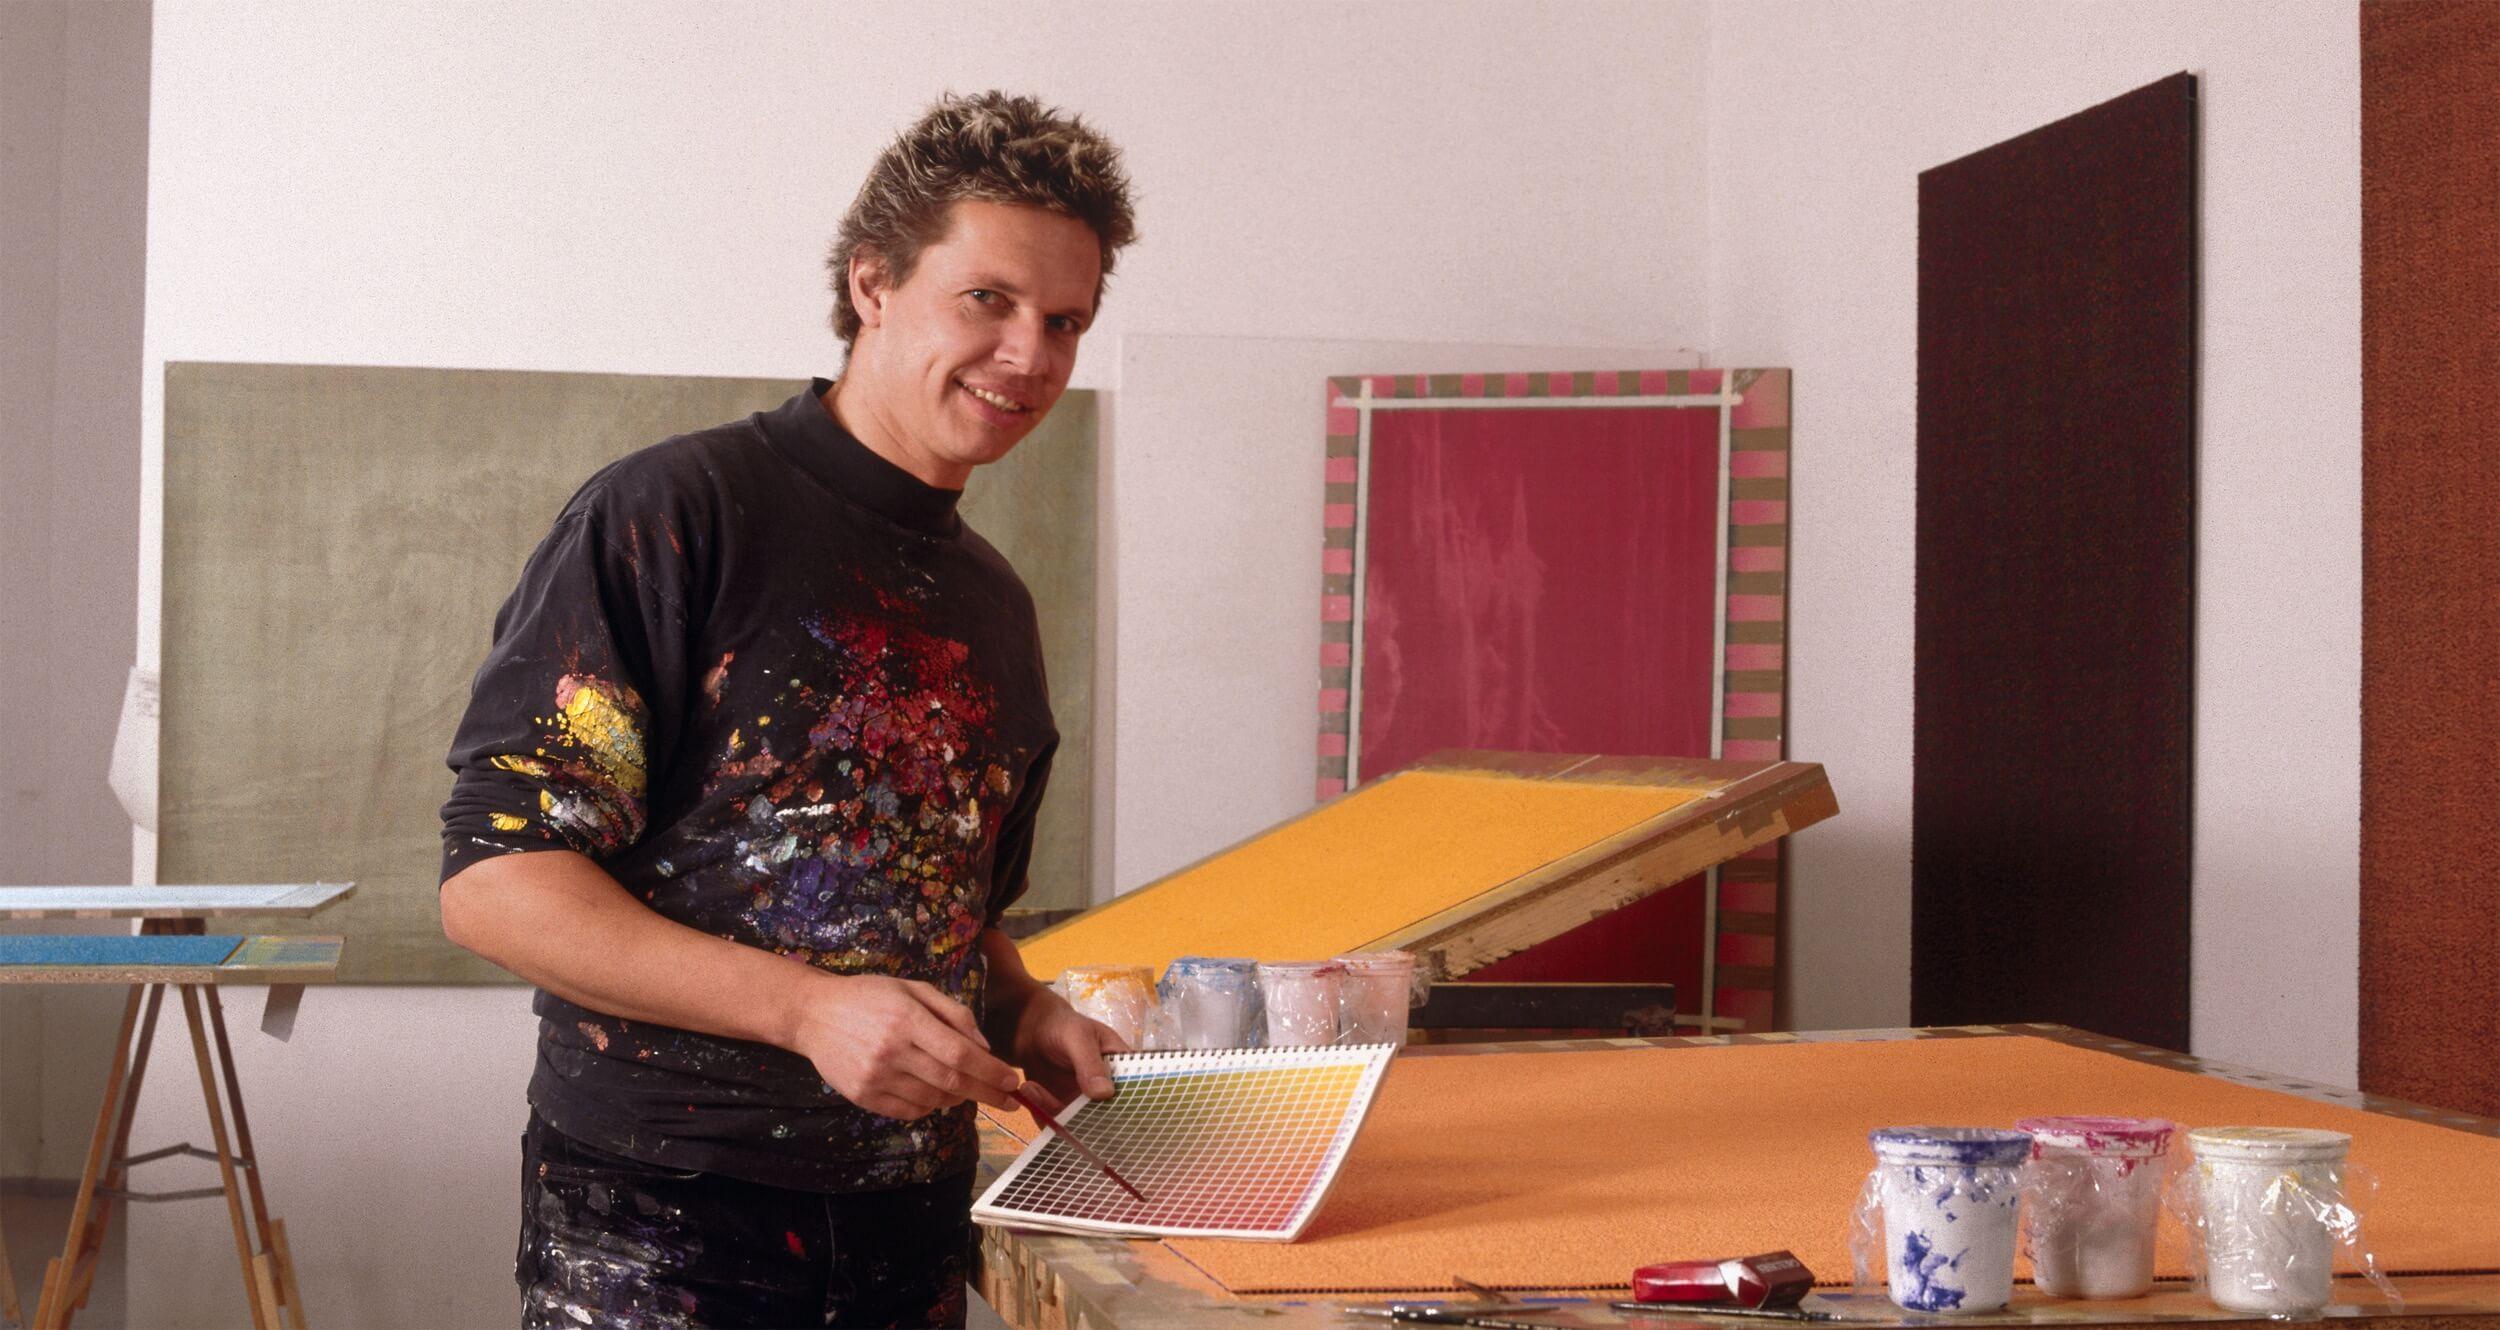 Thomas Emde in seinem Atelier. Der Künstler Thomas Emde